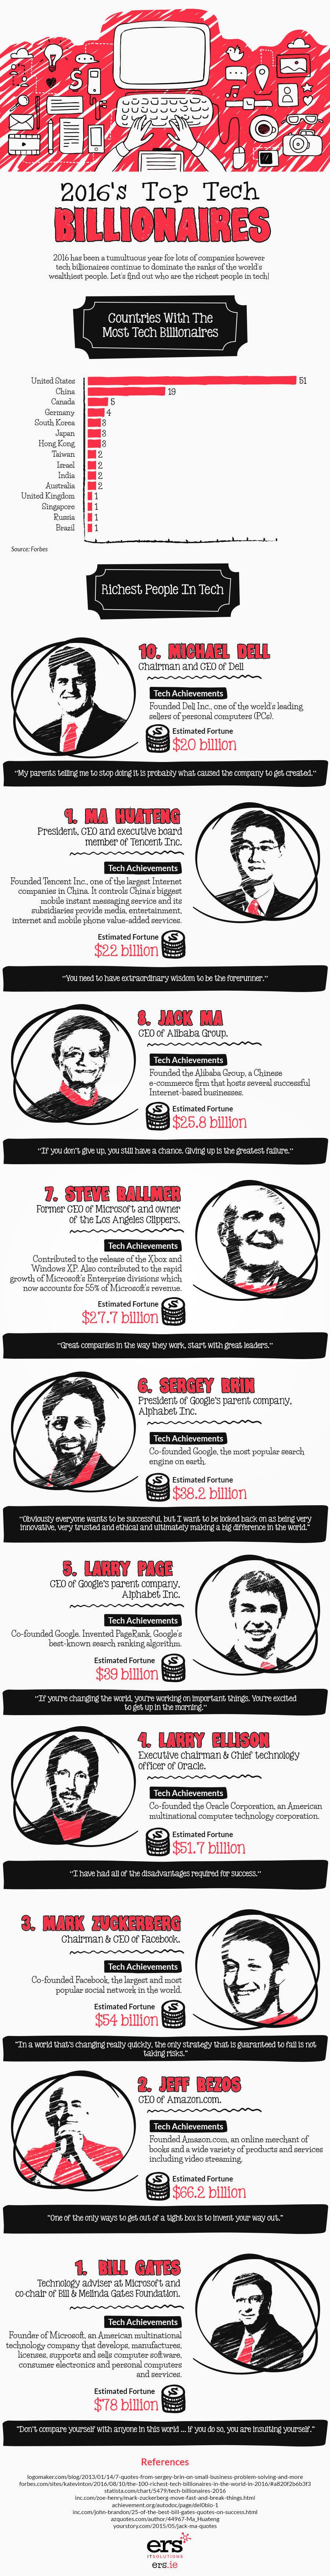 1478284584_2016-top-ten-billionaires-infographic-1